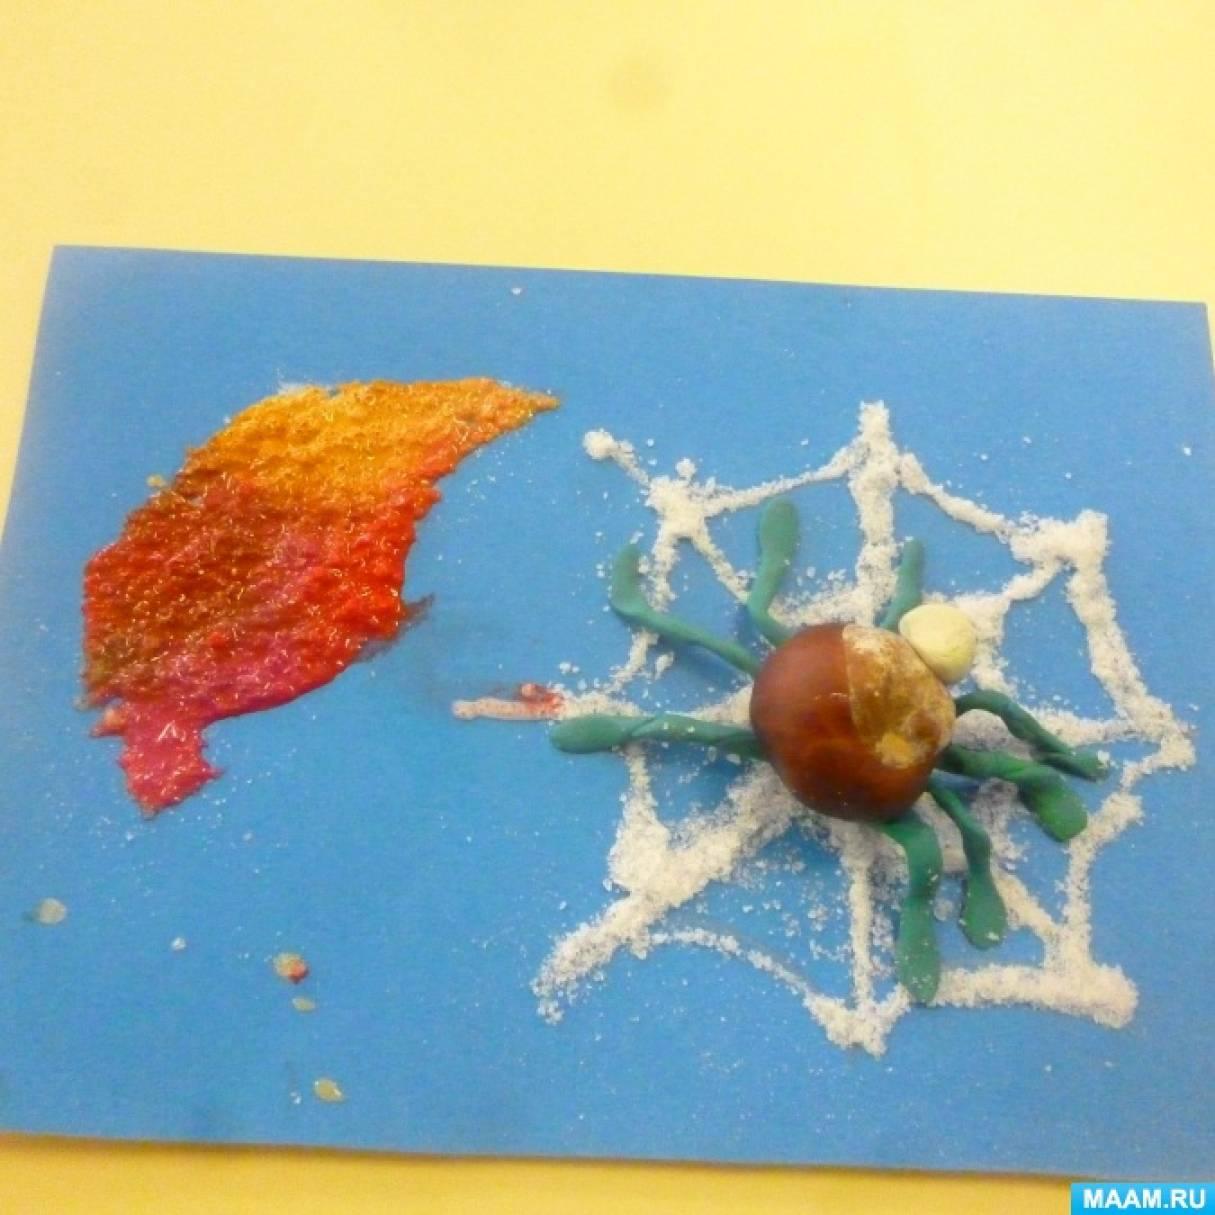 Мастер-класс «Осенняя поделка из пластилина и нетрадиционных материалов «Паучок»